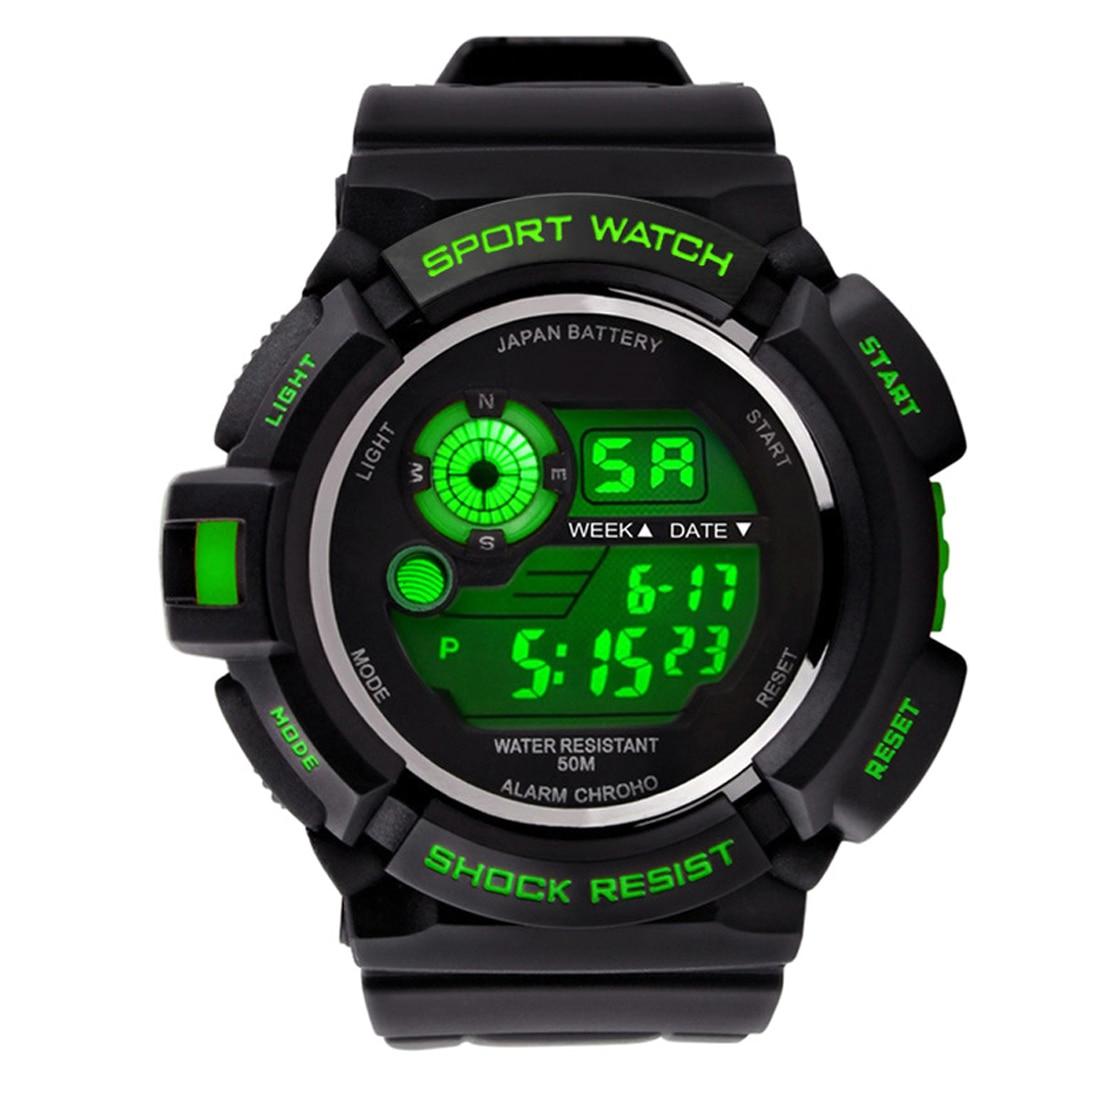 e0ec4c721aa Relógios Desportivos Relógio de Pulso Silicone do Esporte Relógios ao